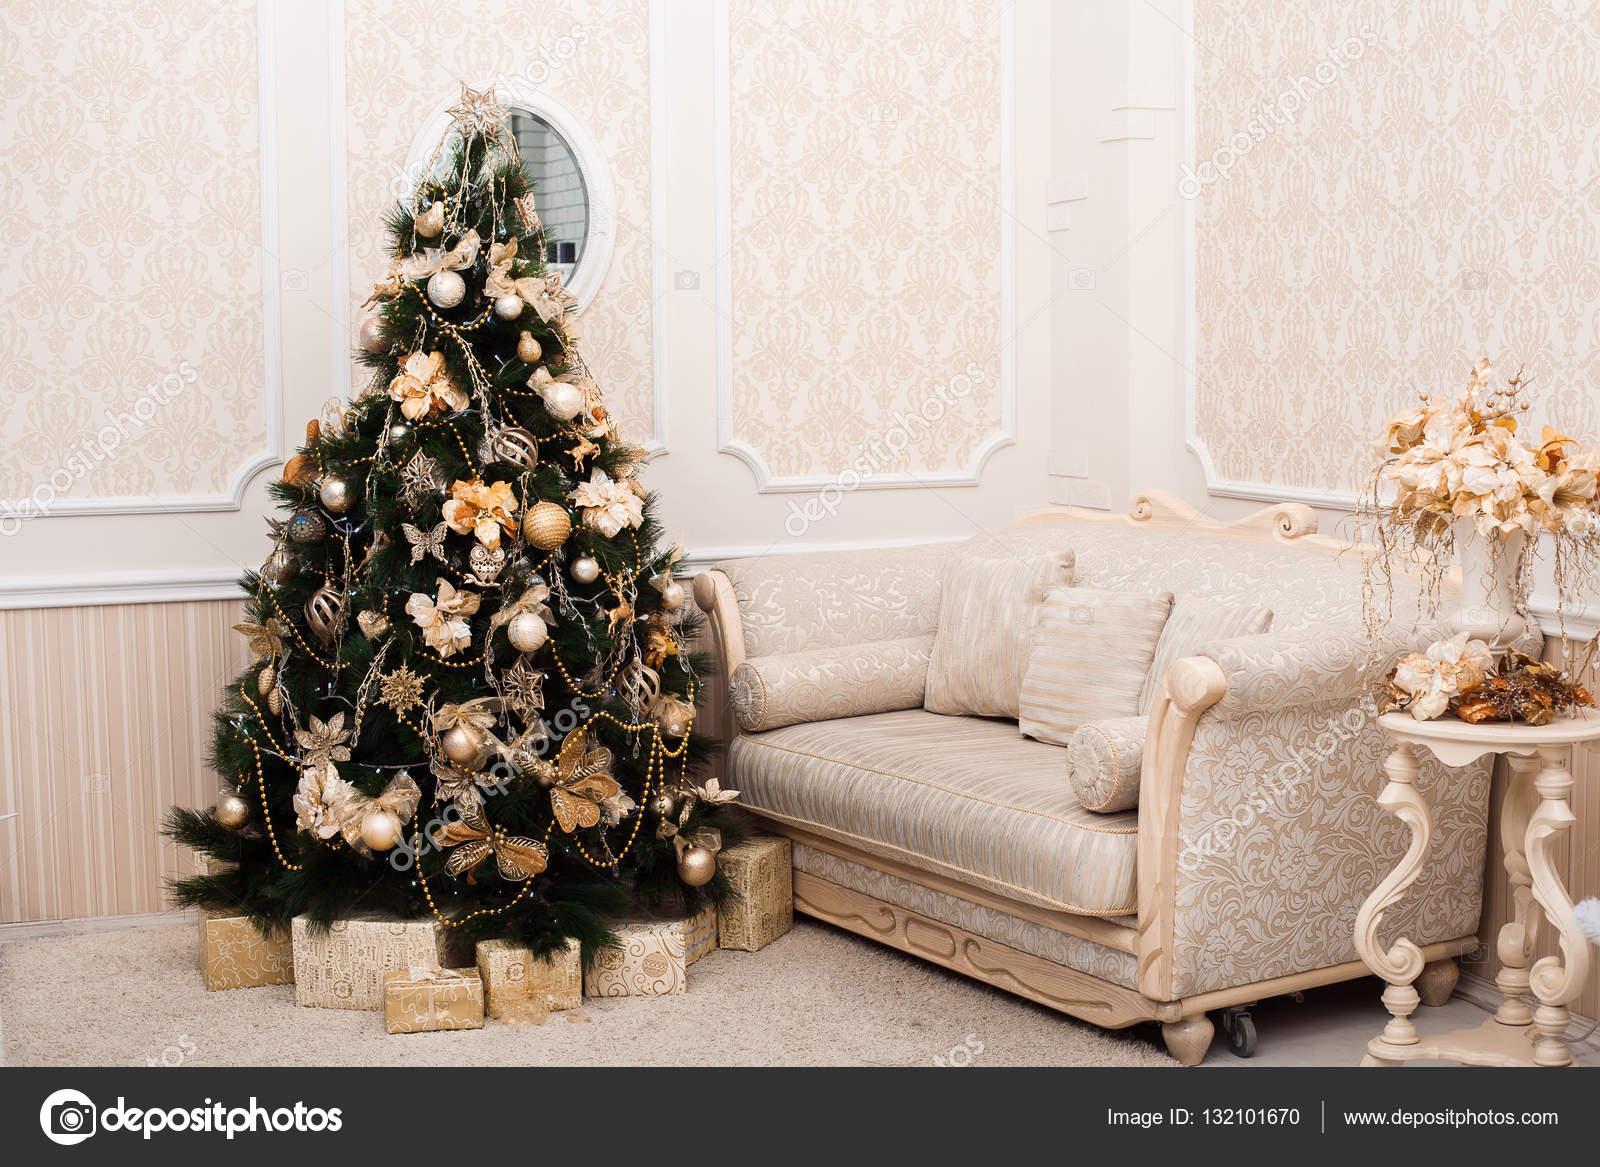 Urlaub Wohnzimmer In Apricot Farben U2014 Stockfoto